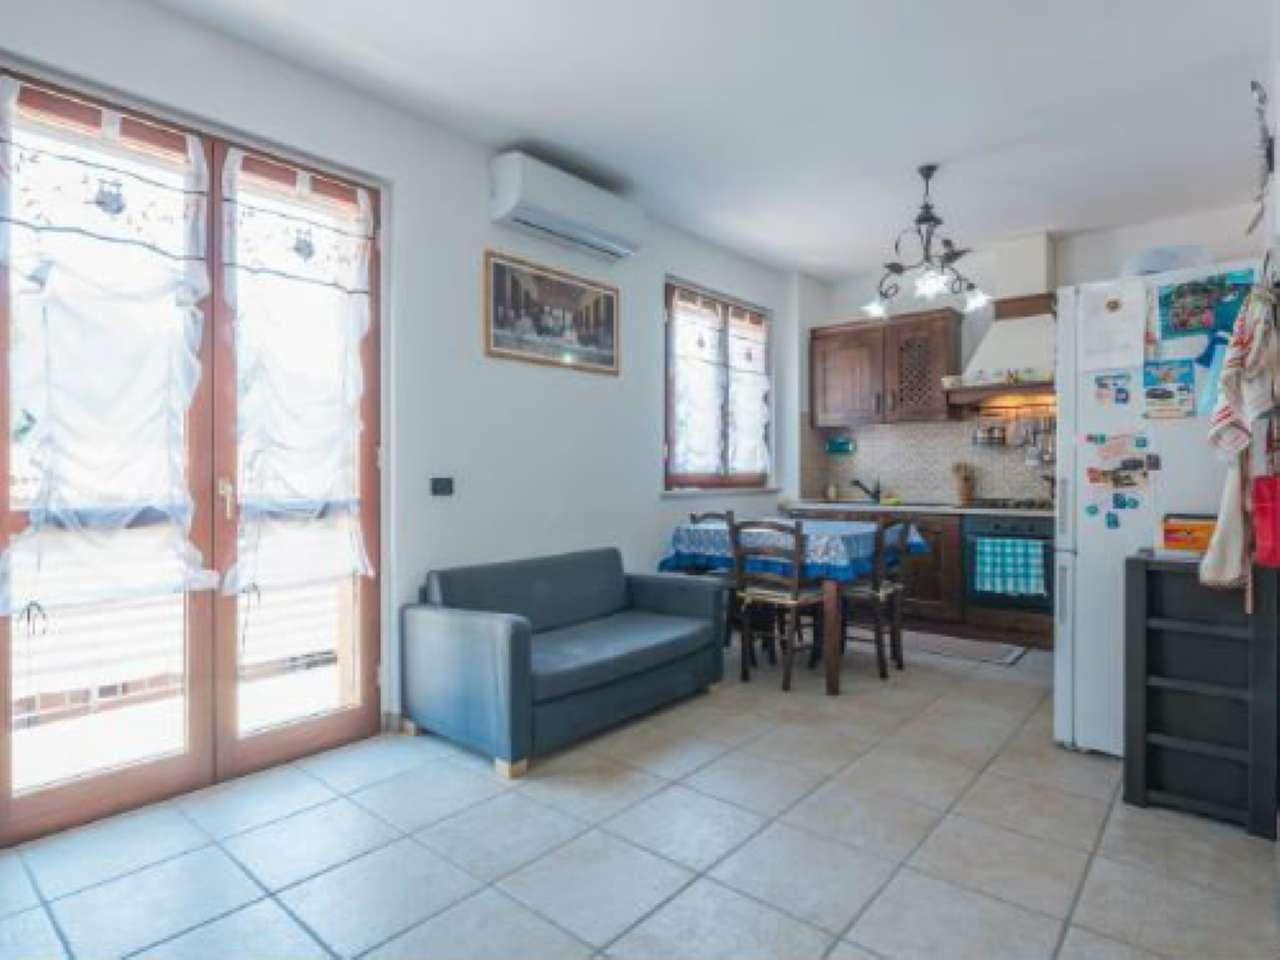 Appartamento in vendita a Polverigi, 3 locali, prezzo € 108.000 | CambioCasa.it